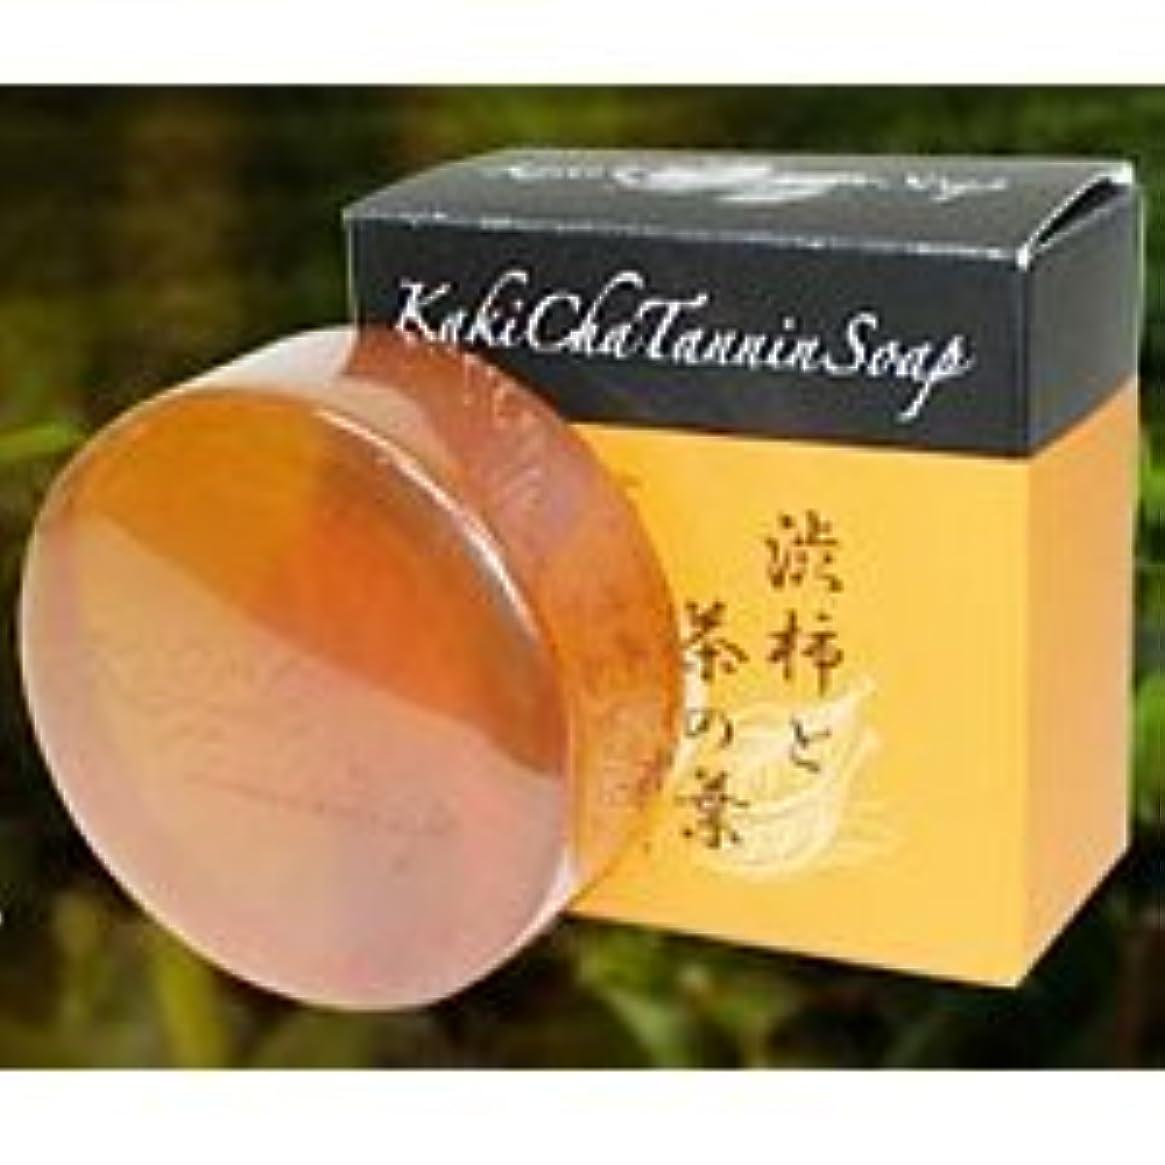 畝間コウモリ刺しますカキチャタンニンソープ 安心の日本製 カキチャタンニンソープ (マイルドクリアソープ) カキチャ タンニンソープ 柿渋ソープ